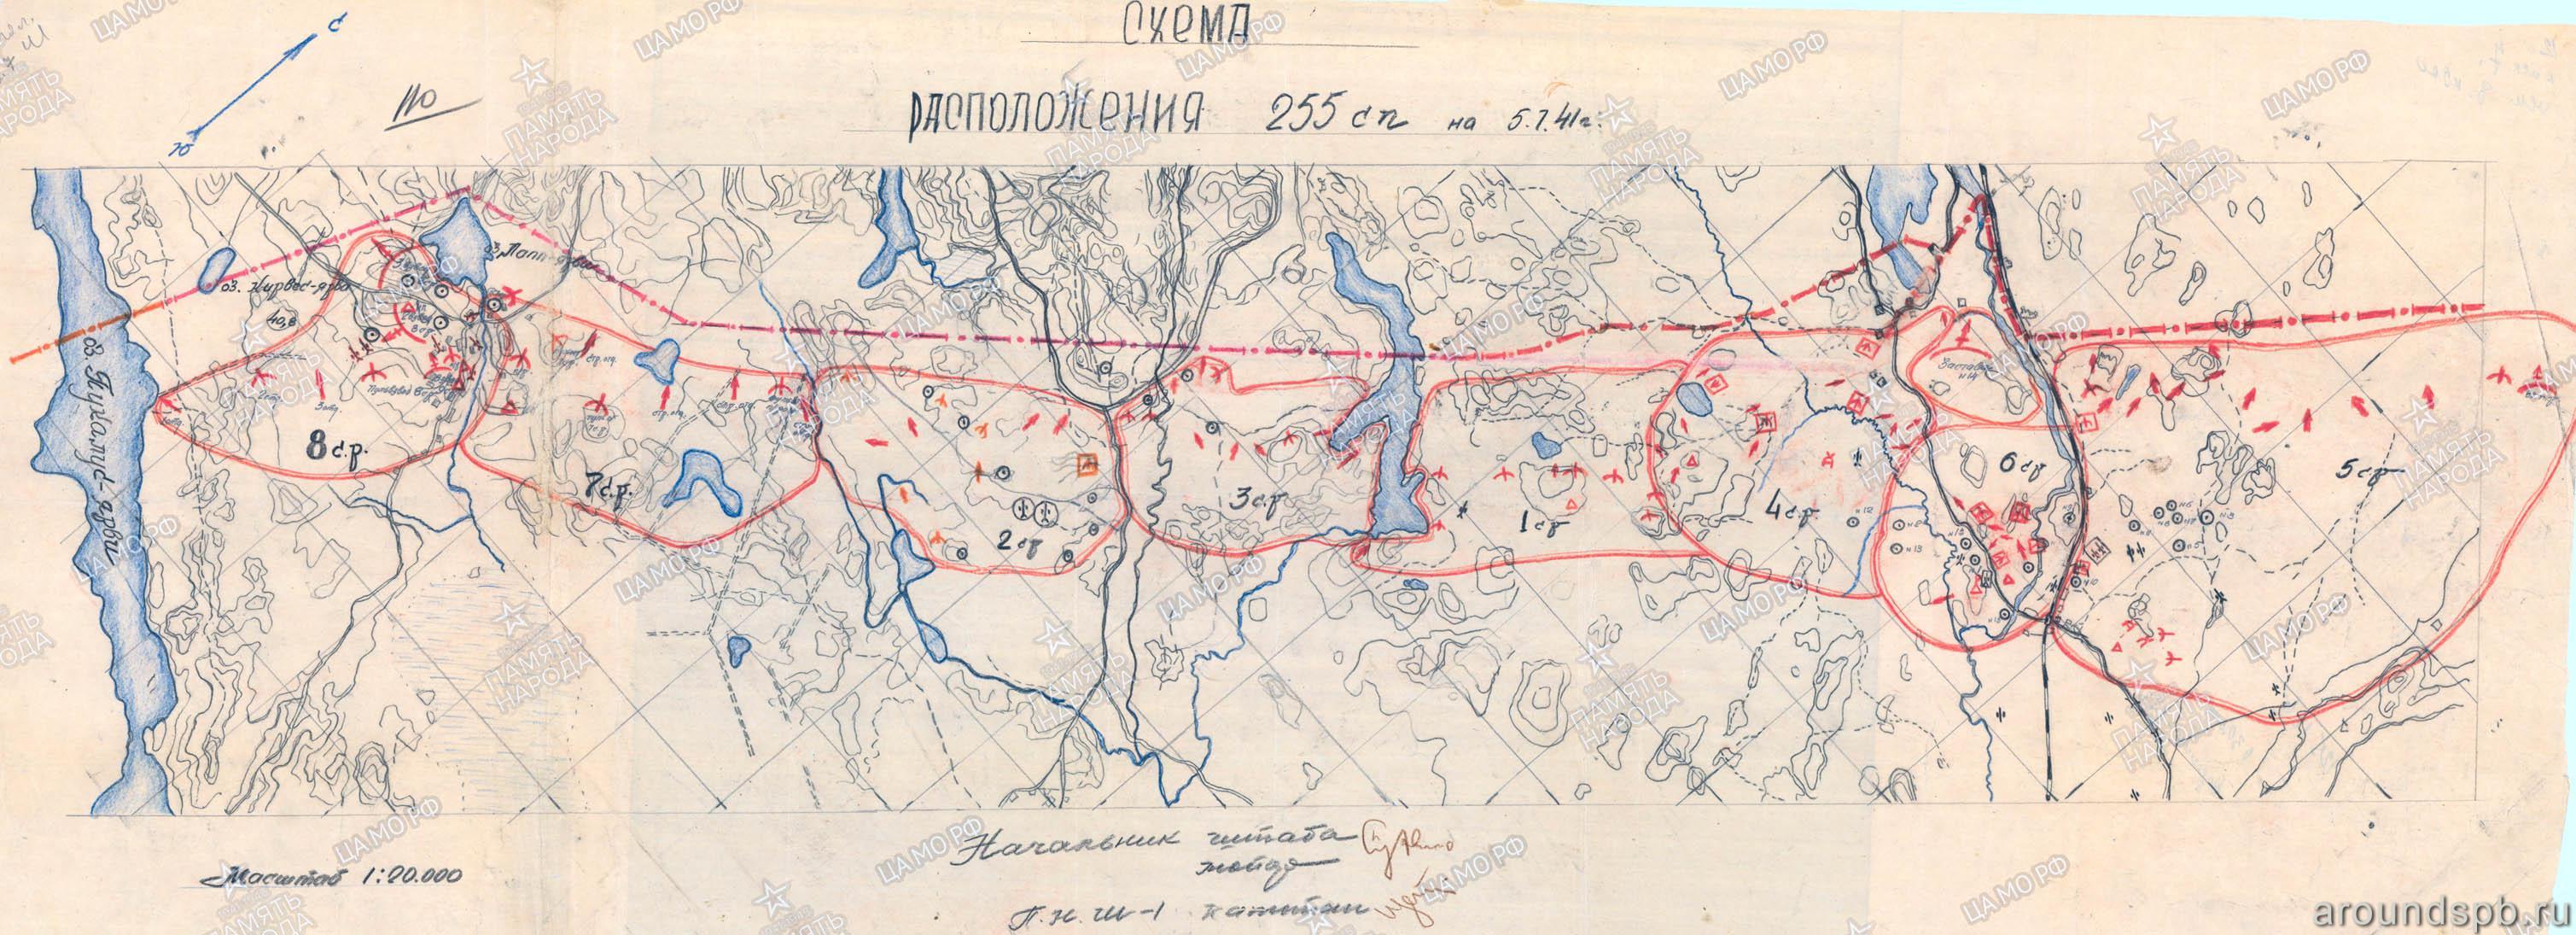 Выборгский укрепрайон. Обозначены долговременные огневые точки ОП Ванхатимпери, Хясяля, Лоуко